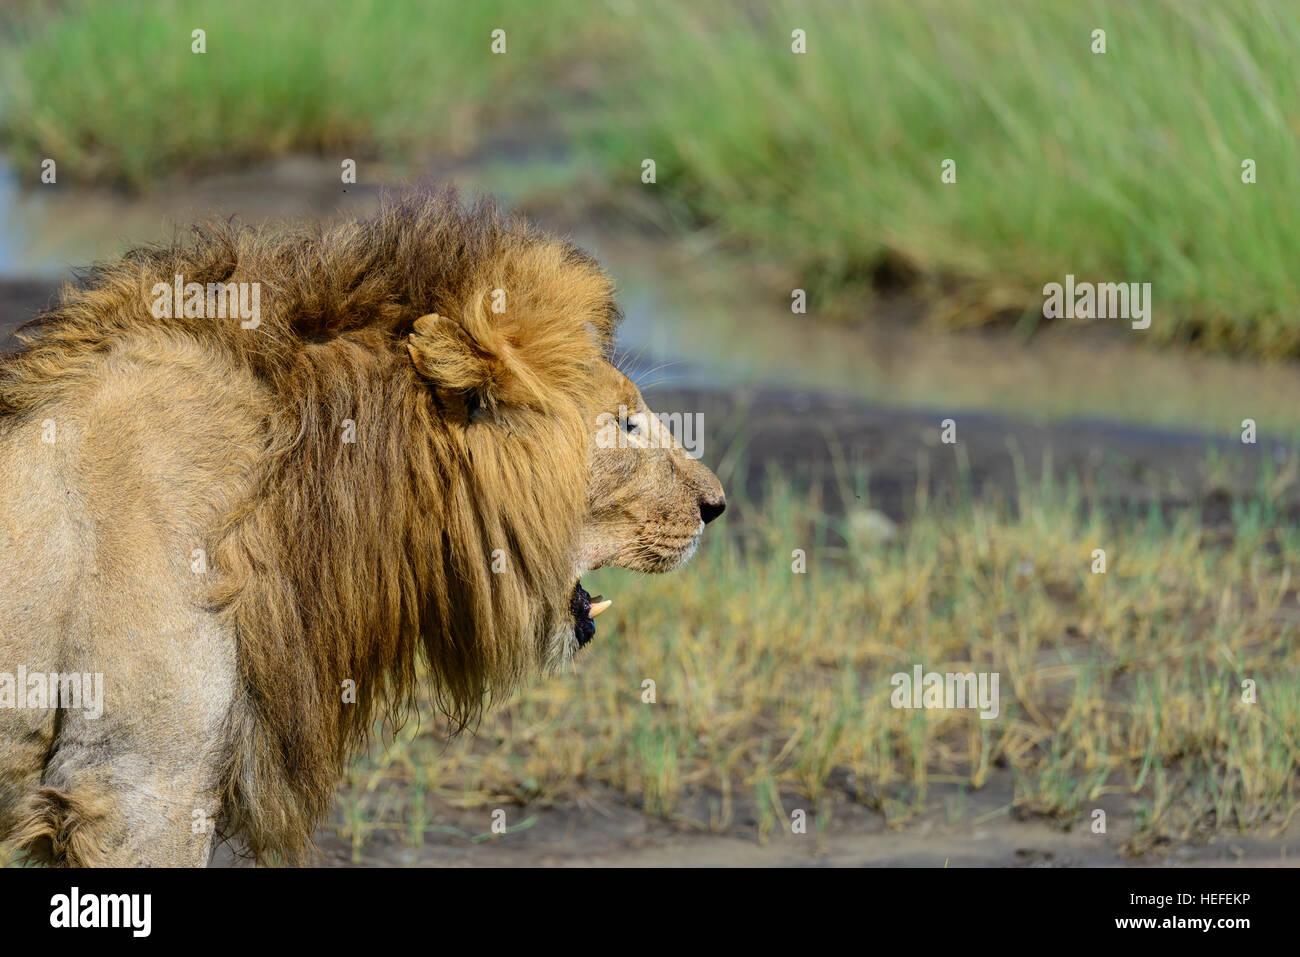 Sólo despertar: un varón adulto silvestre león (Panthera leo) en los pantanos cerca de Ndutu, Tanzania. Imagen De Stock